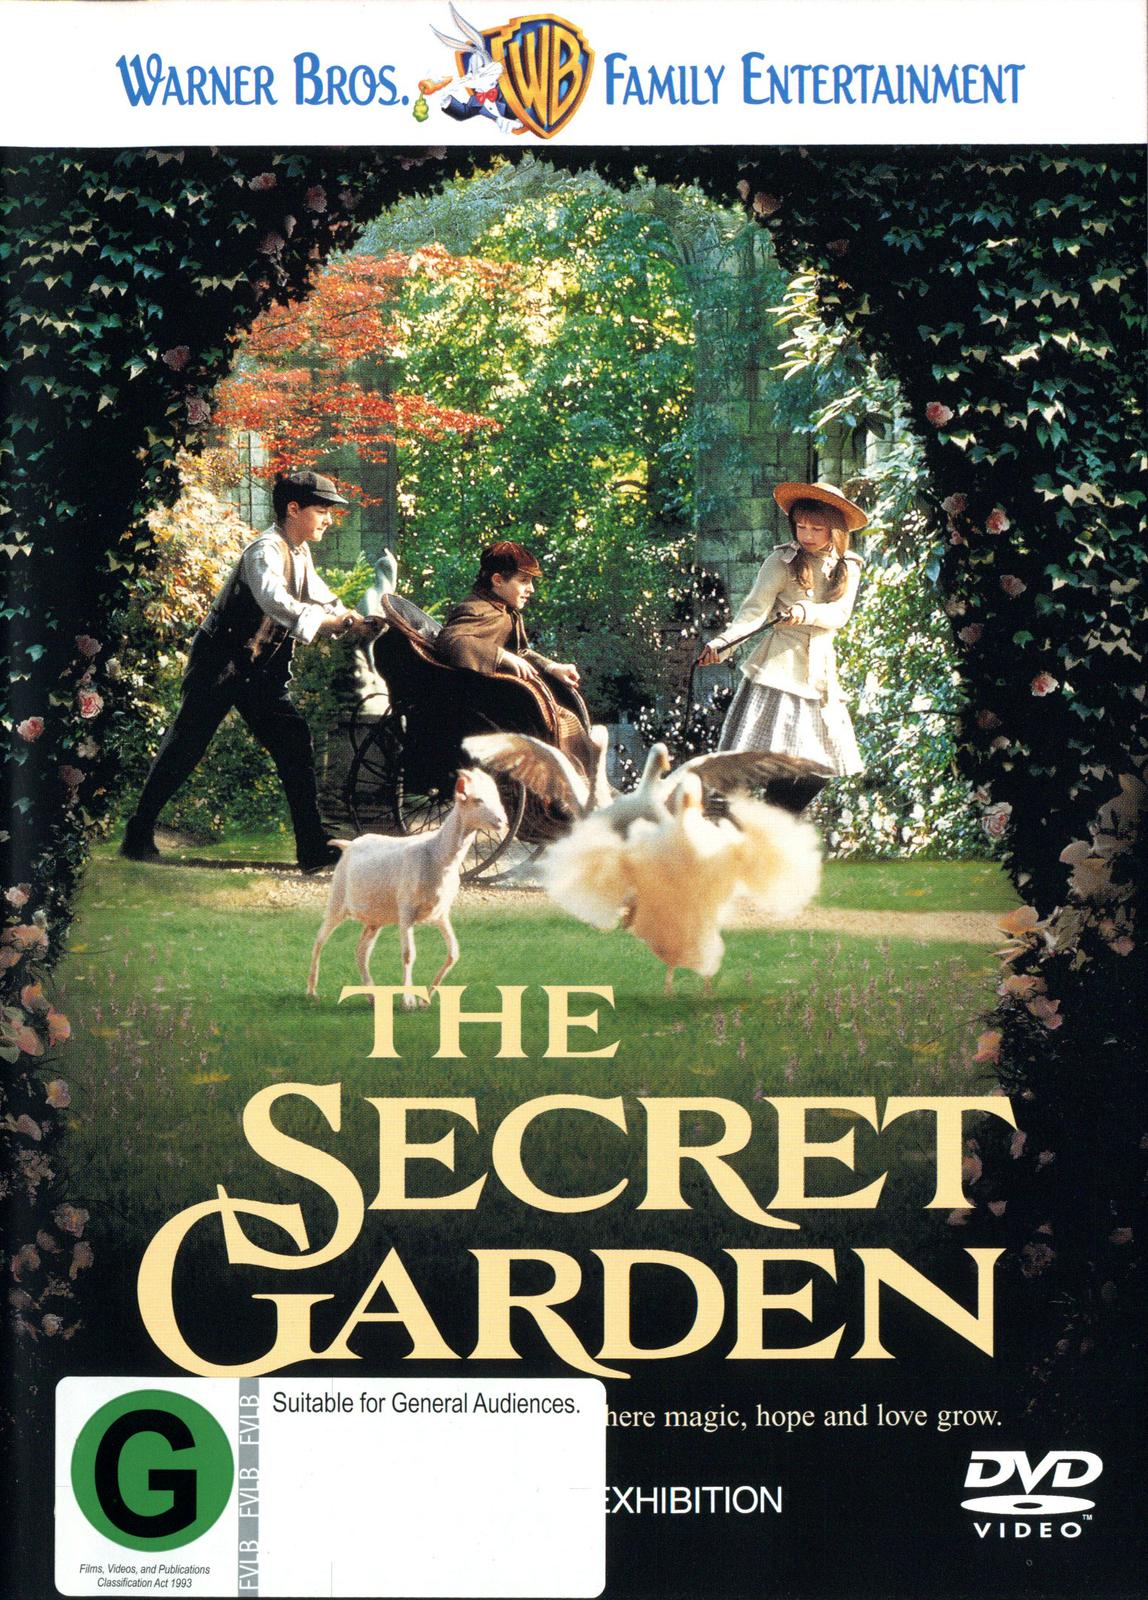 The Secret Garden on DVD image